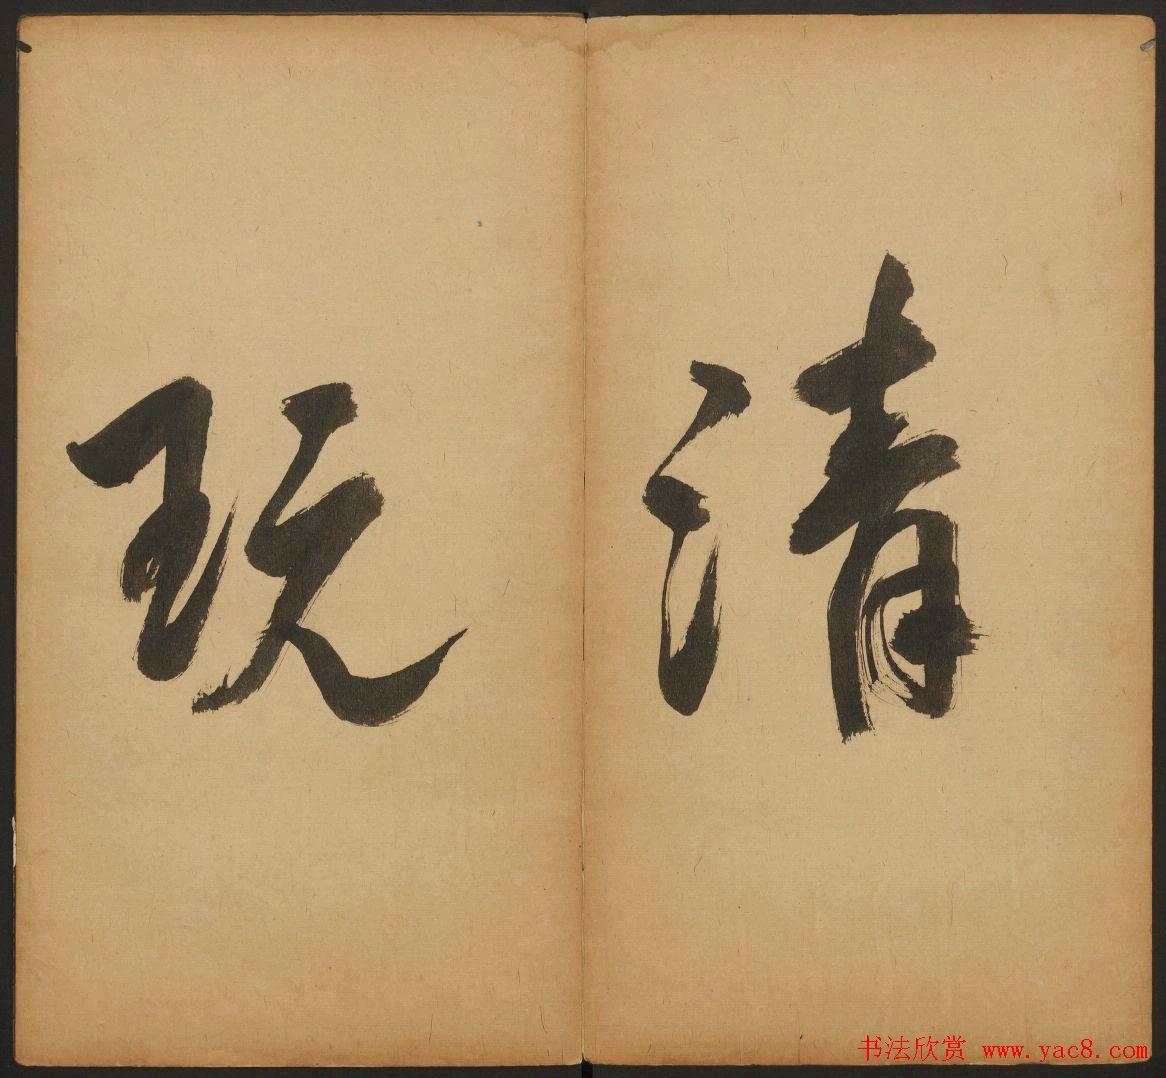 王羲之法帖欣赏《宝贤堂集古法帖》三卷合辑